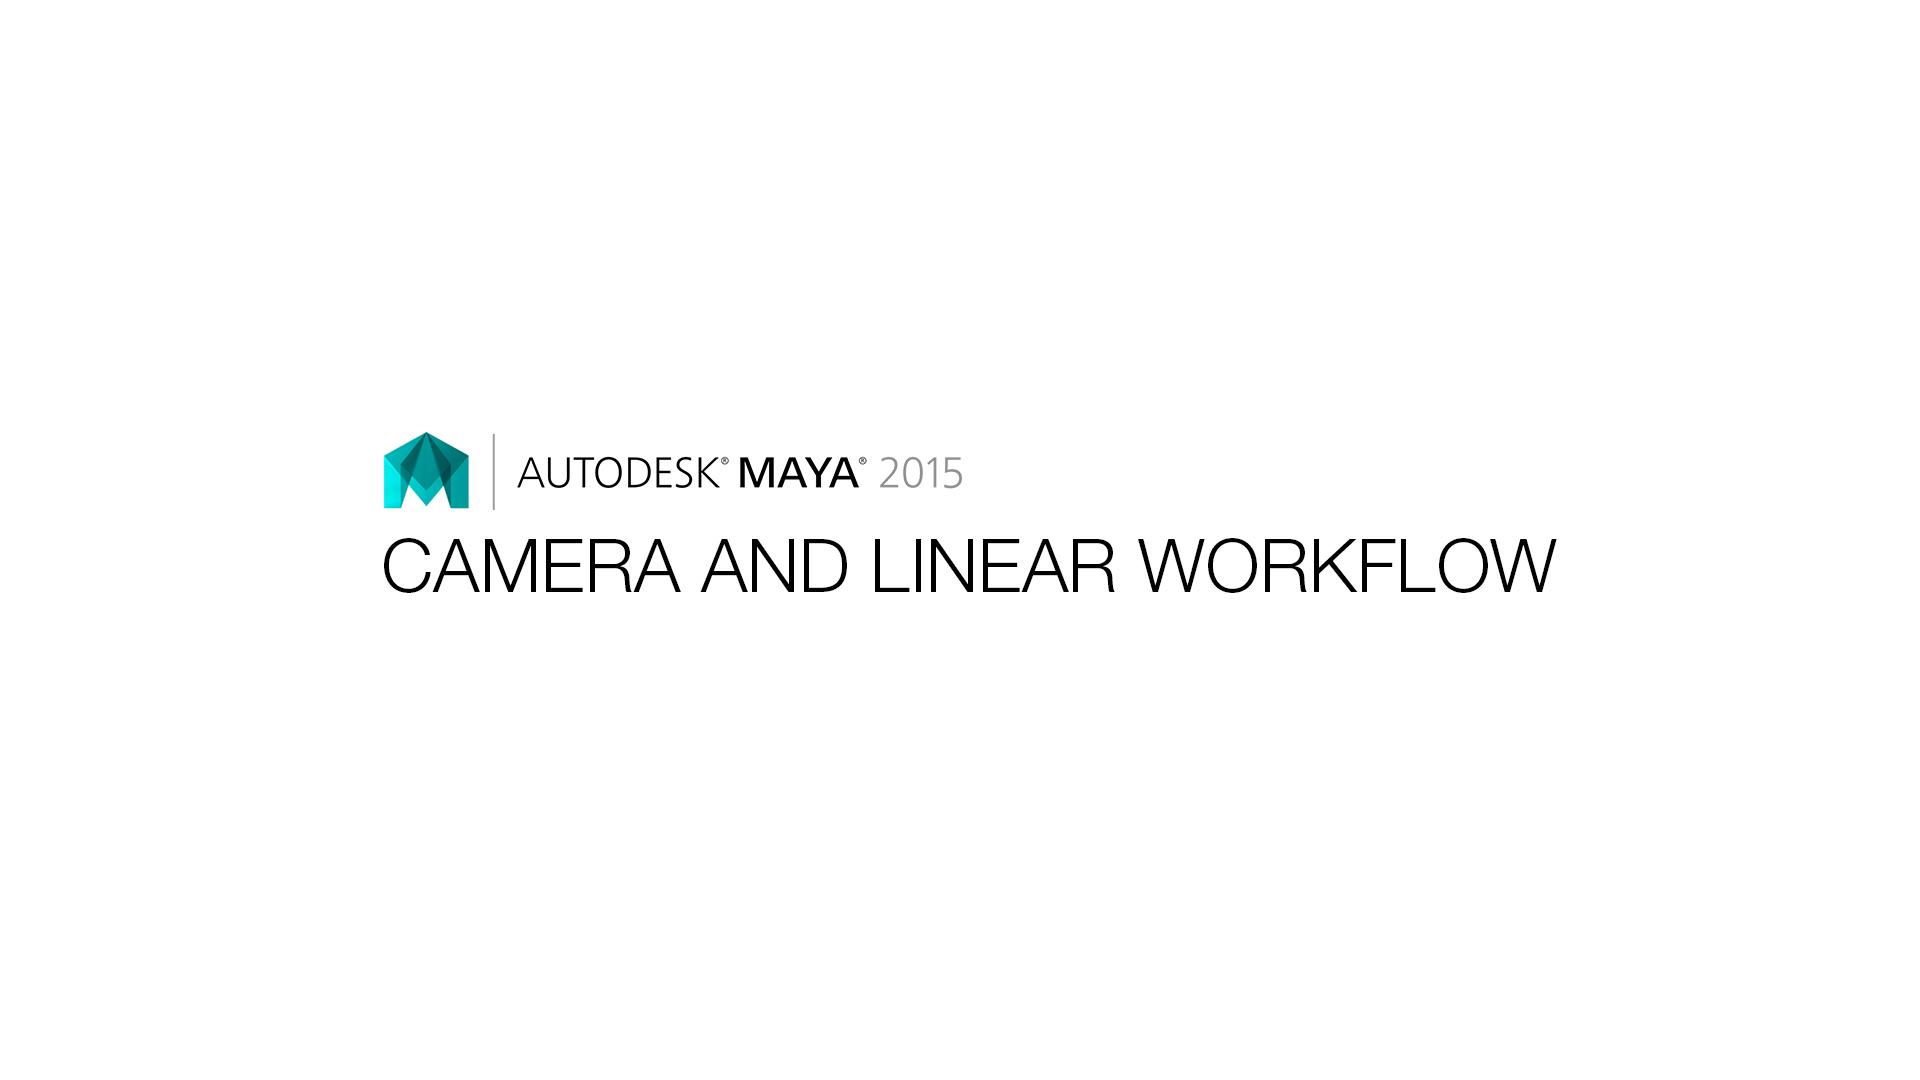 CameraandLinearWorkflow